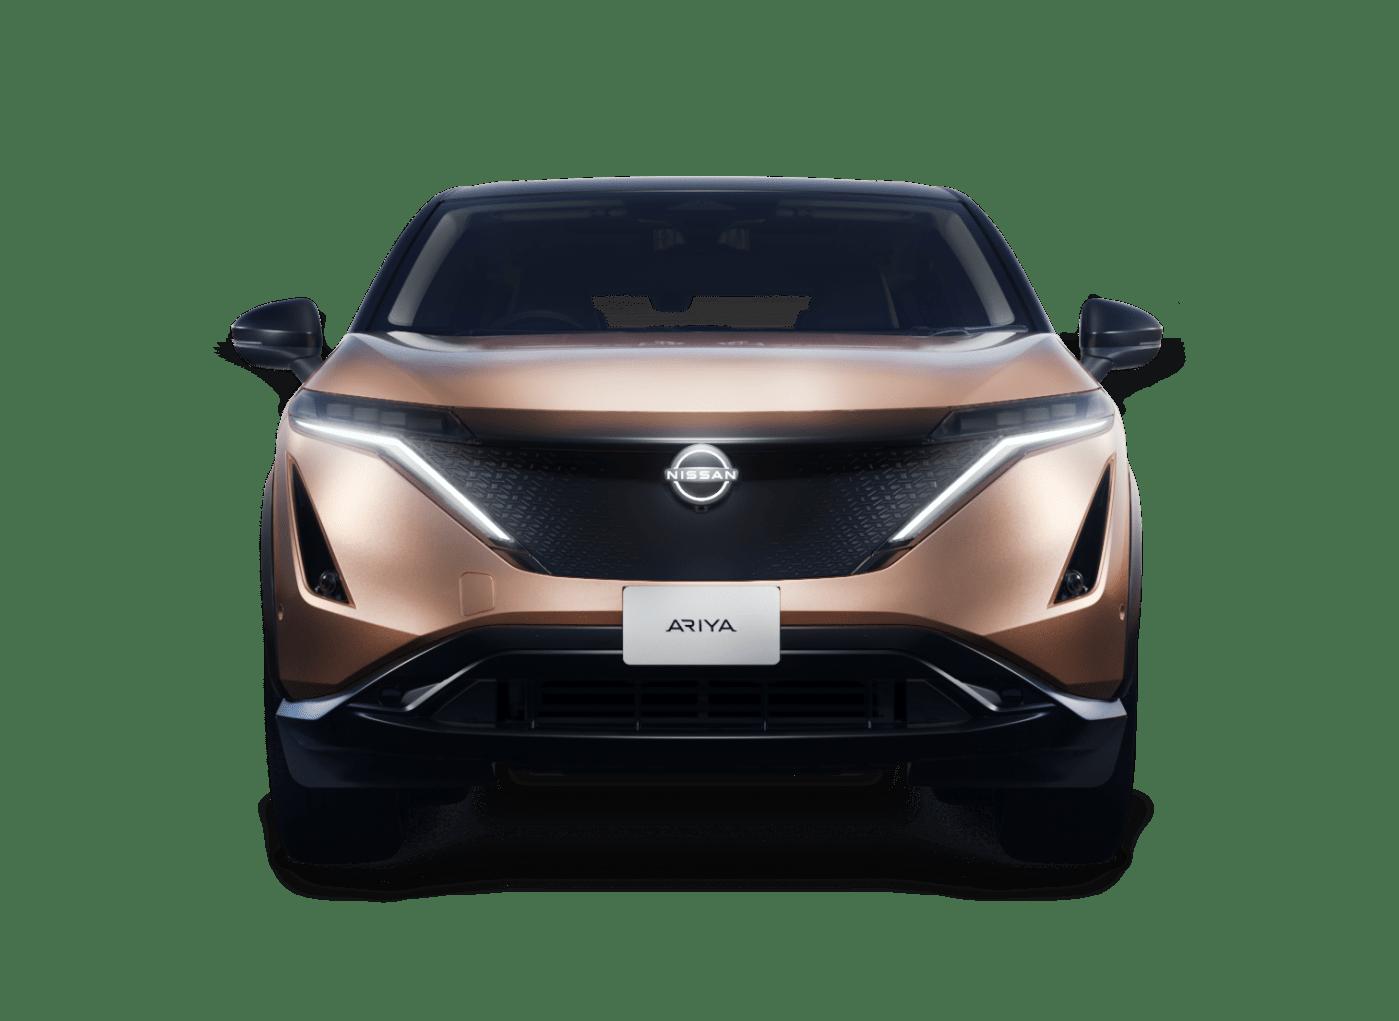 Nissan Ariya on white background